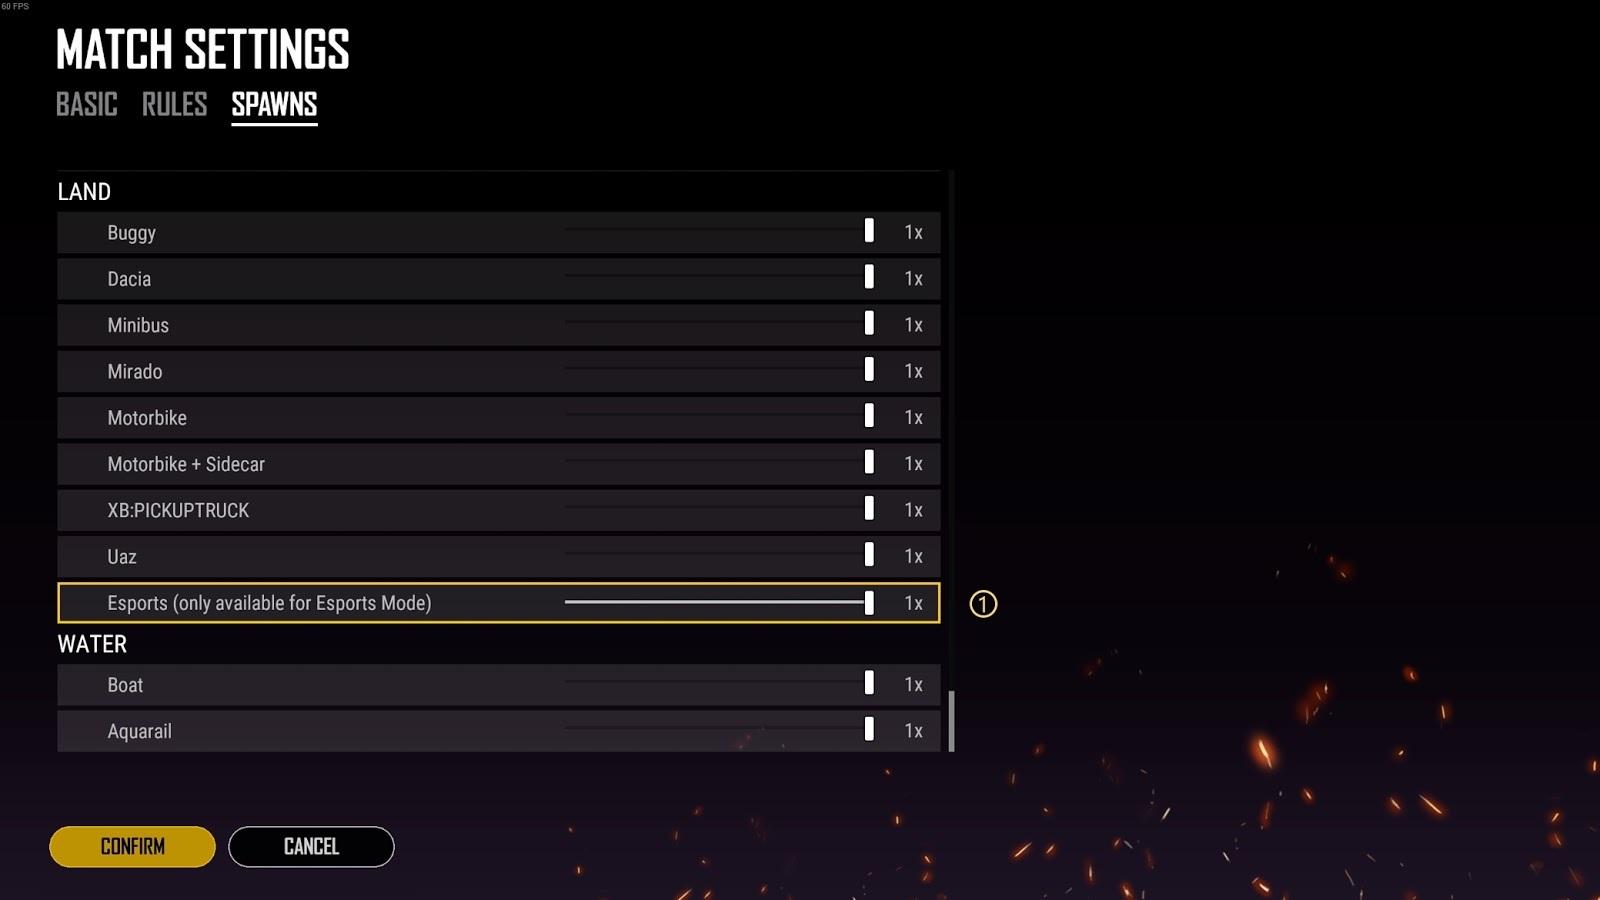 Interface de configuração das regras do esporte mode no custom match